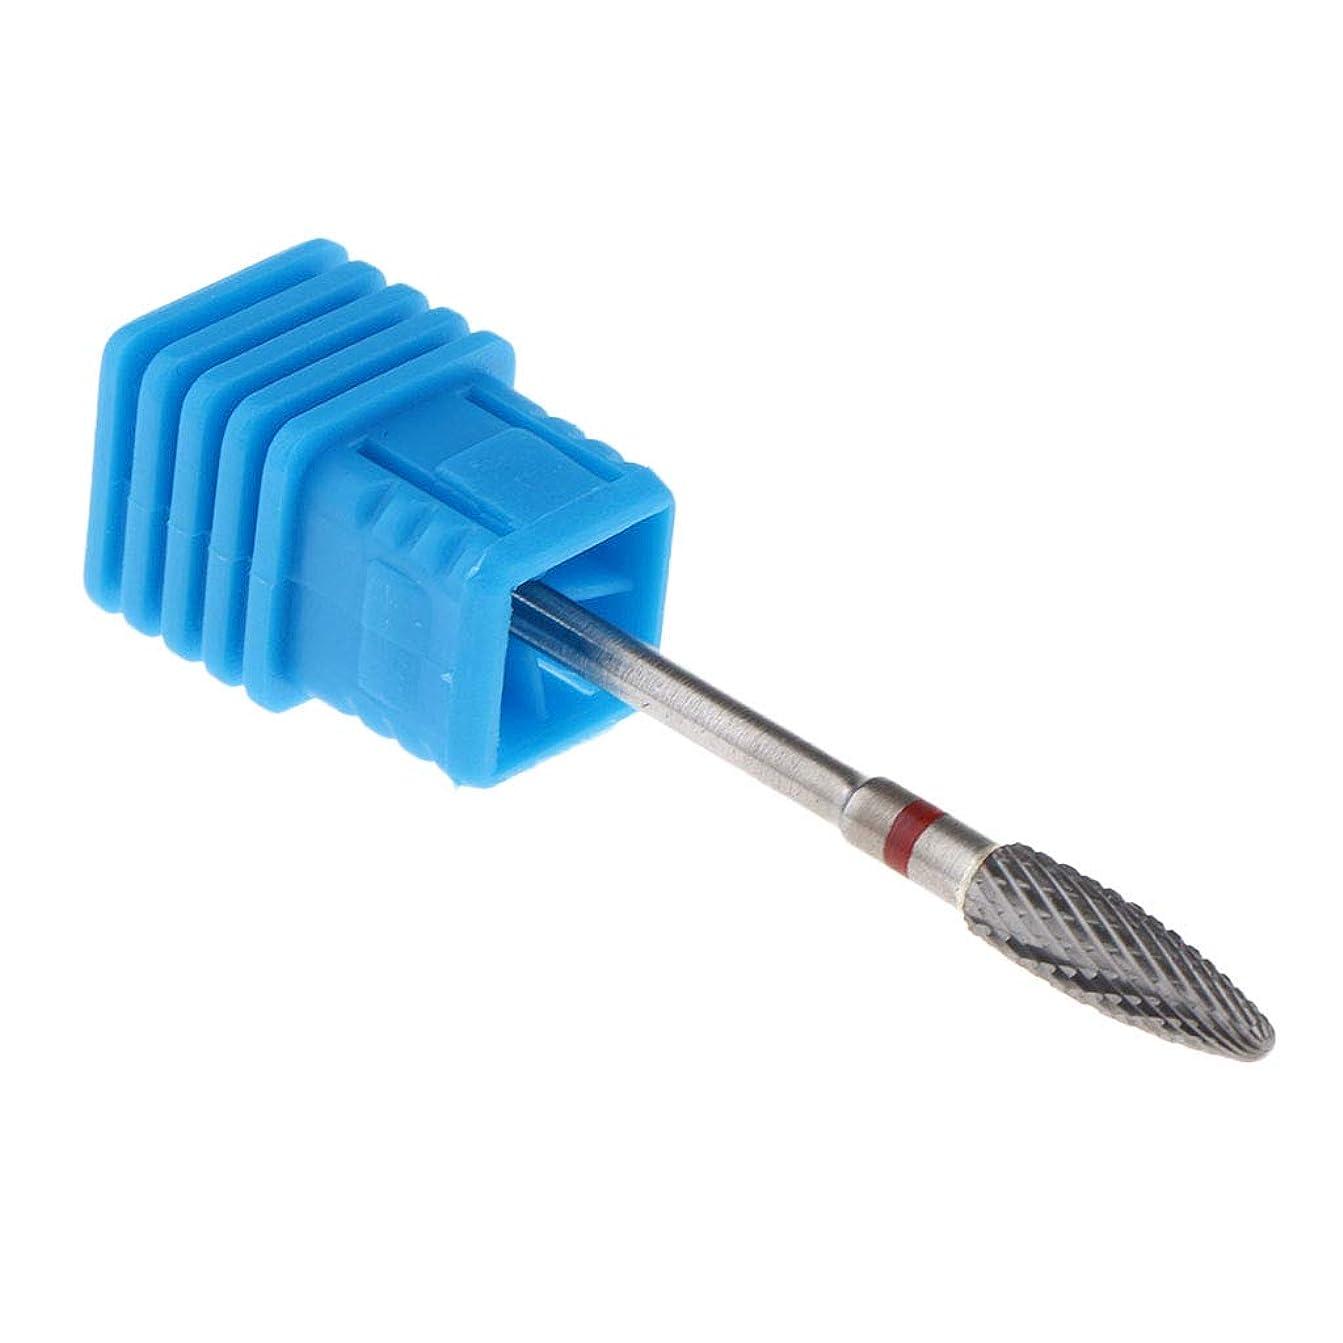 どうやら確率馬力CUTICATE 電気ネイルドリルビット 磨き 研磨ヘッド アクリルの釘 ネイルアート研削ビット 5サイズ - No.03